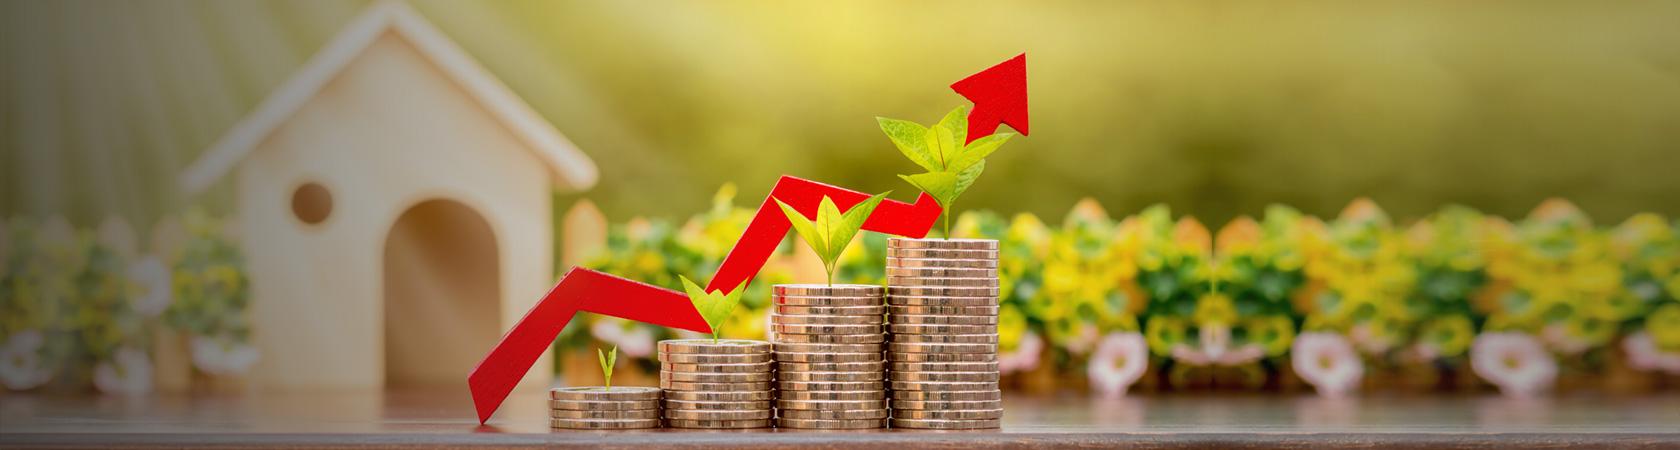 blog finanzas